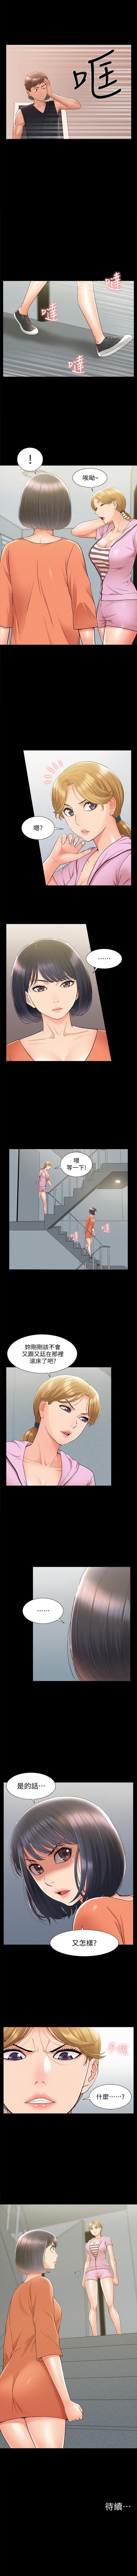 (週4)難言之隱 1-24 中文翻譯(更新中) 150